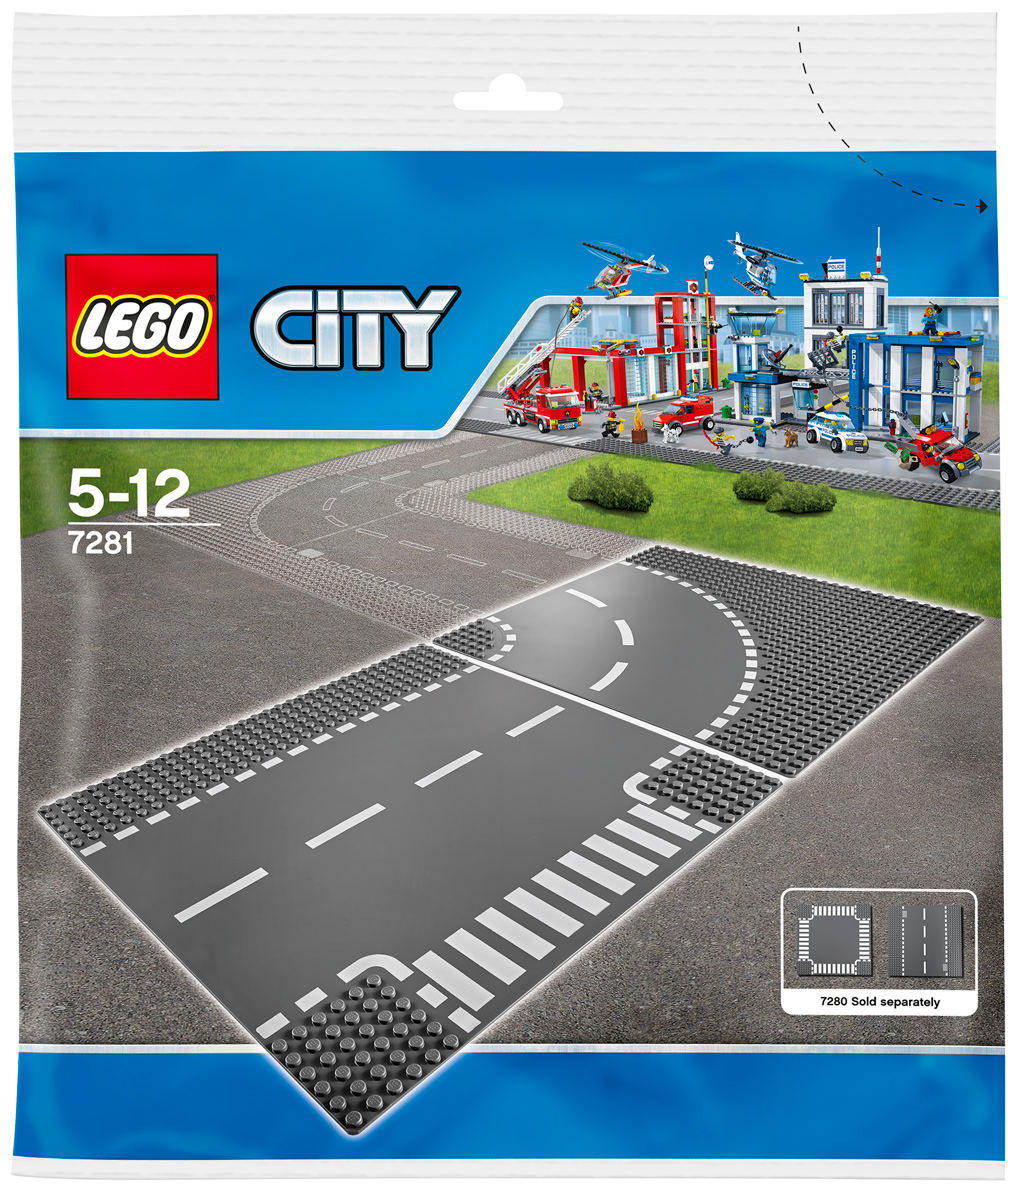 LEGO City Конструктор Т-образная развязка 7281 lego city town конструктор отдых на пляже жители lego city 60153